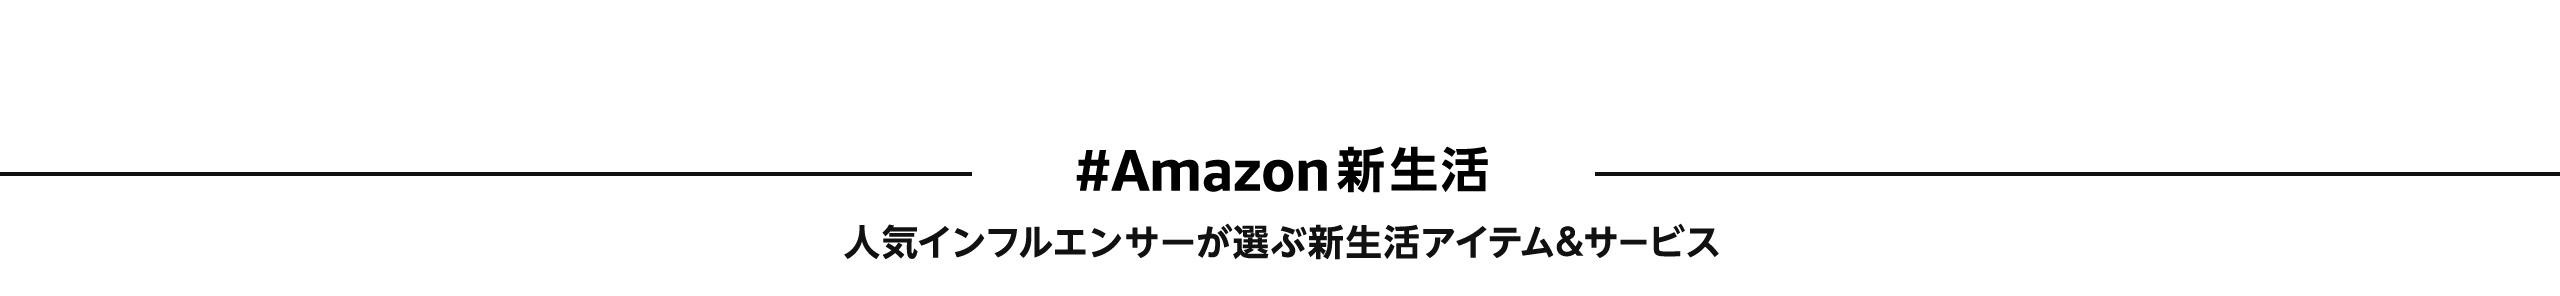 Amazon新生活 人気インフルエンサーが選ぶ新生活アイテム&サービス